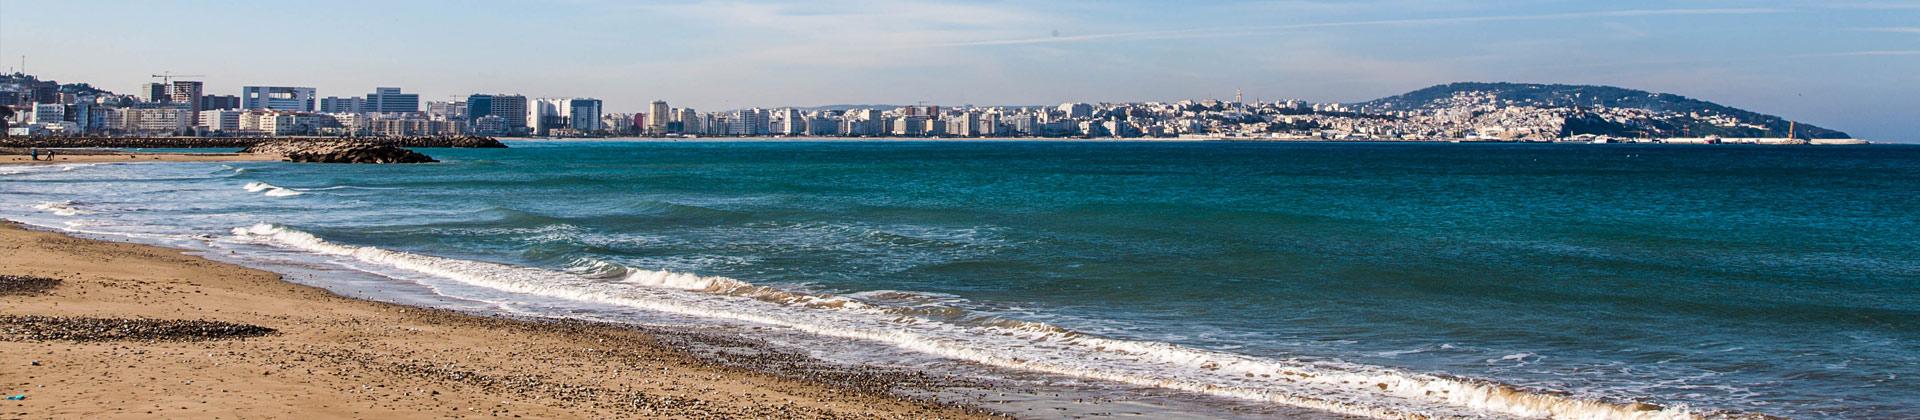 Stranden van Marokko